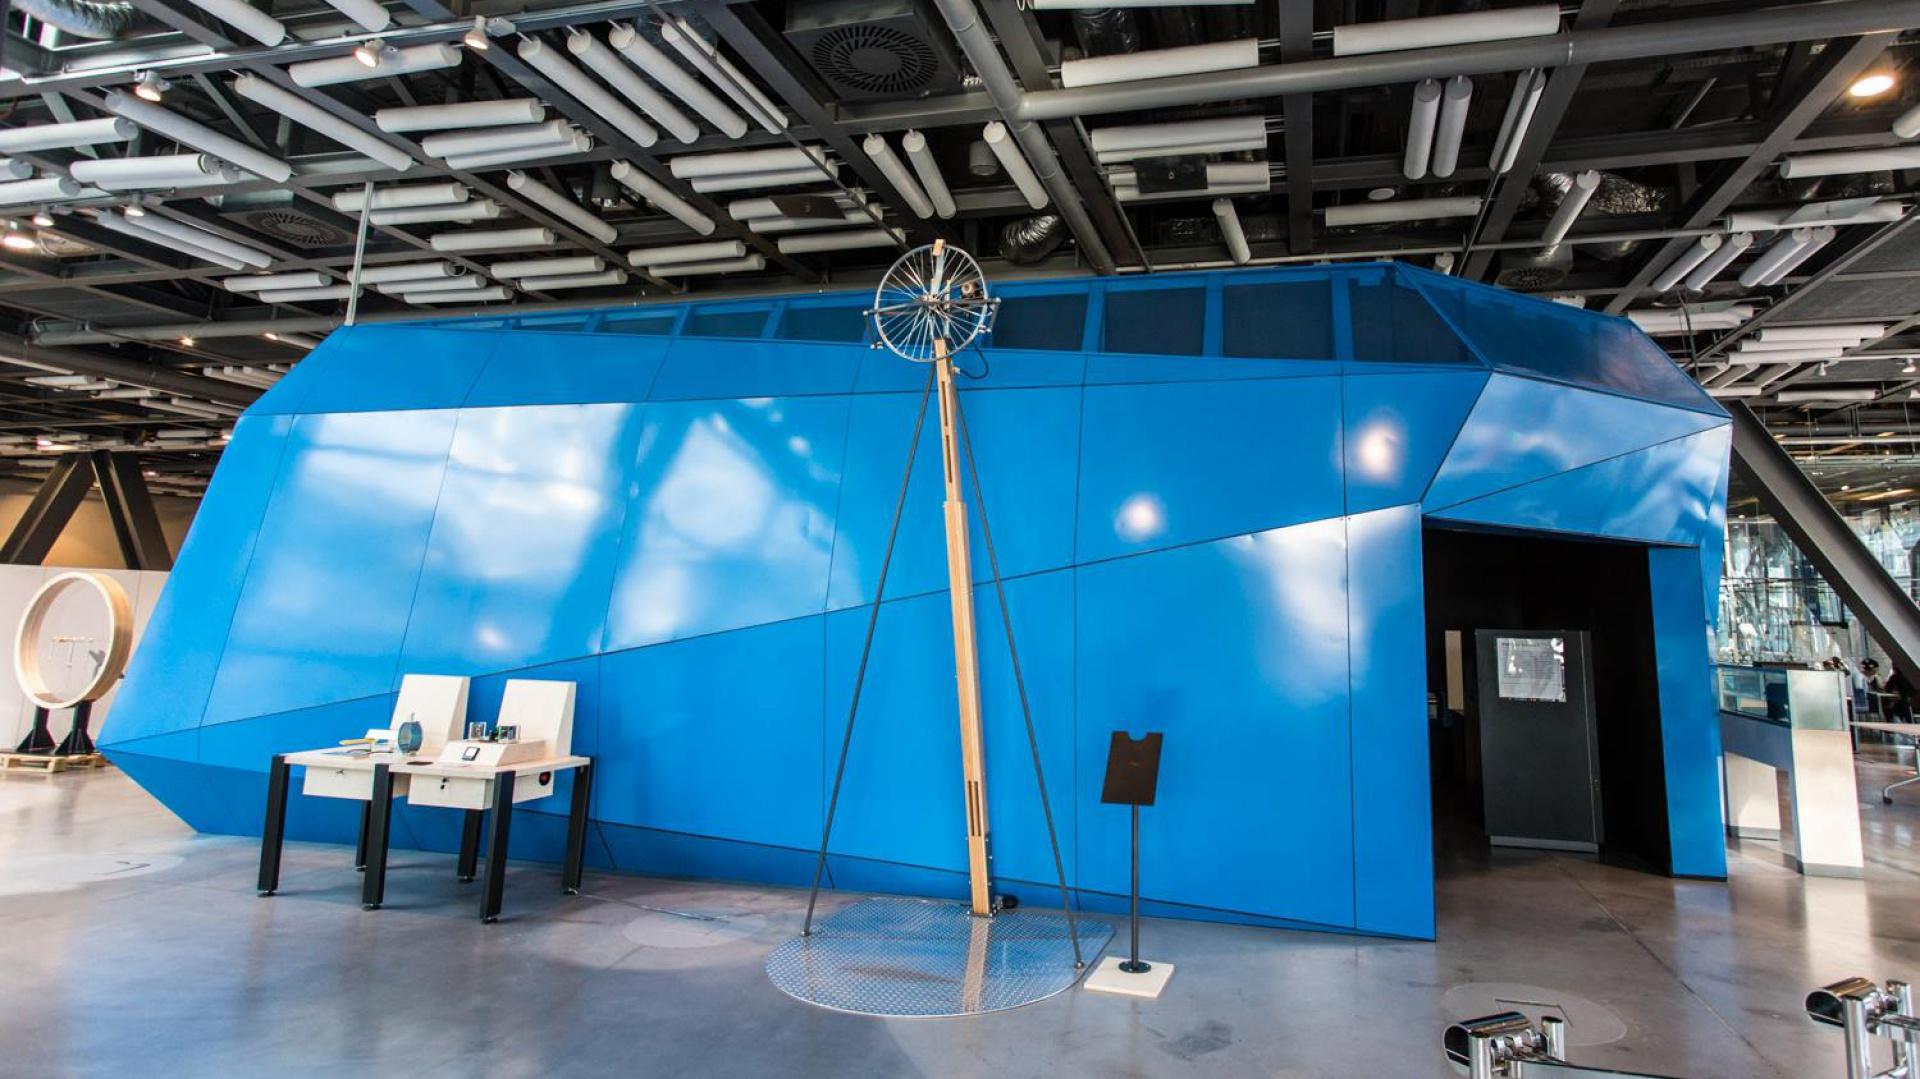 Nawiązujący kształtem do bryły Centrum Nauki Kopernik pawilon, kryje w sobie bardzo dużą różnorodność materiałów. Okładziny wewnętrzne, zewnętrzne i sufitowe różnią się między sobą, tak aby zapewnić zwiedzającym najbardziej optymalne warunki. Fot. Grupa Advertis